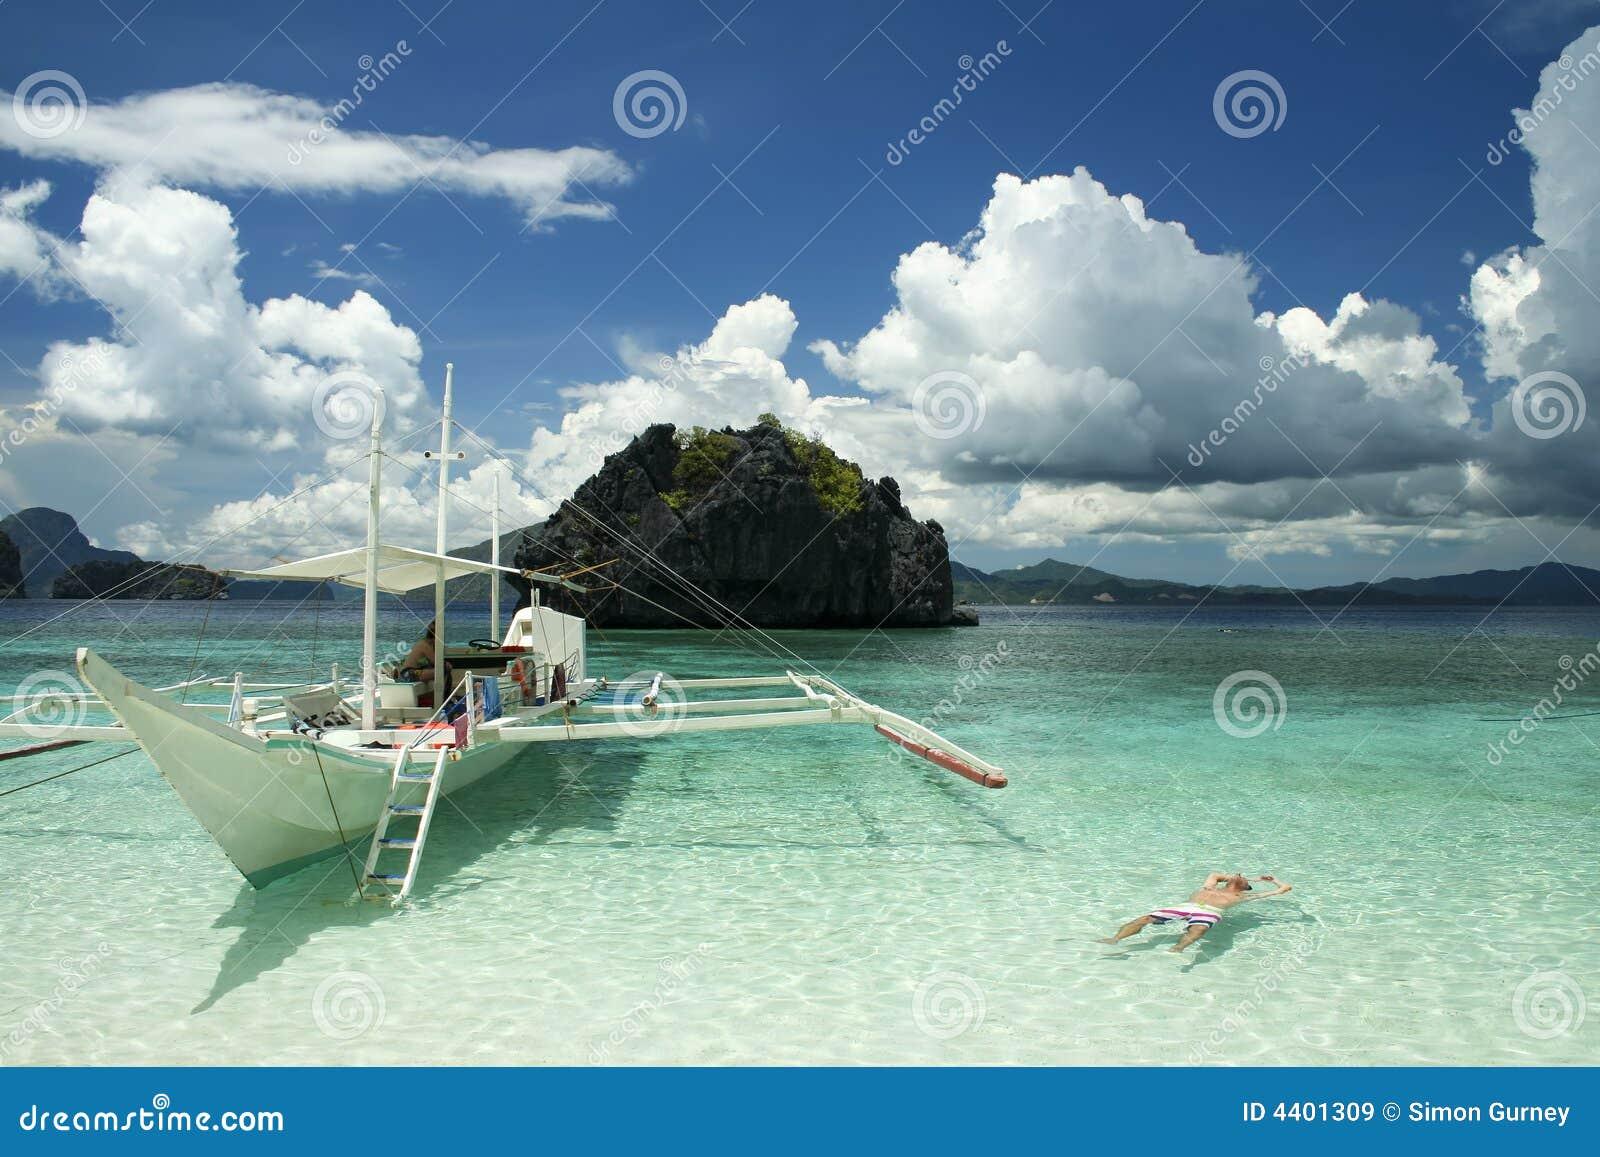 El Nido Boat Trip Palawan Philippines Royalty Free Stock Images ...